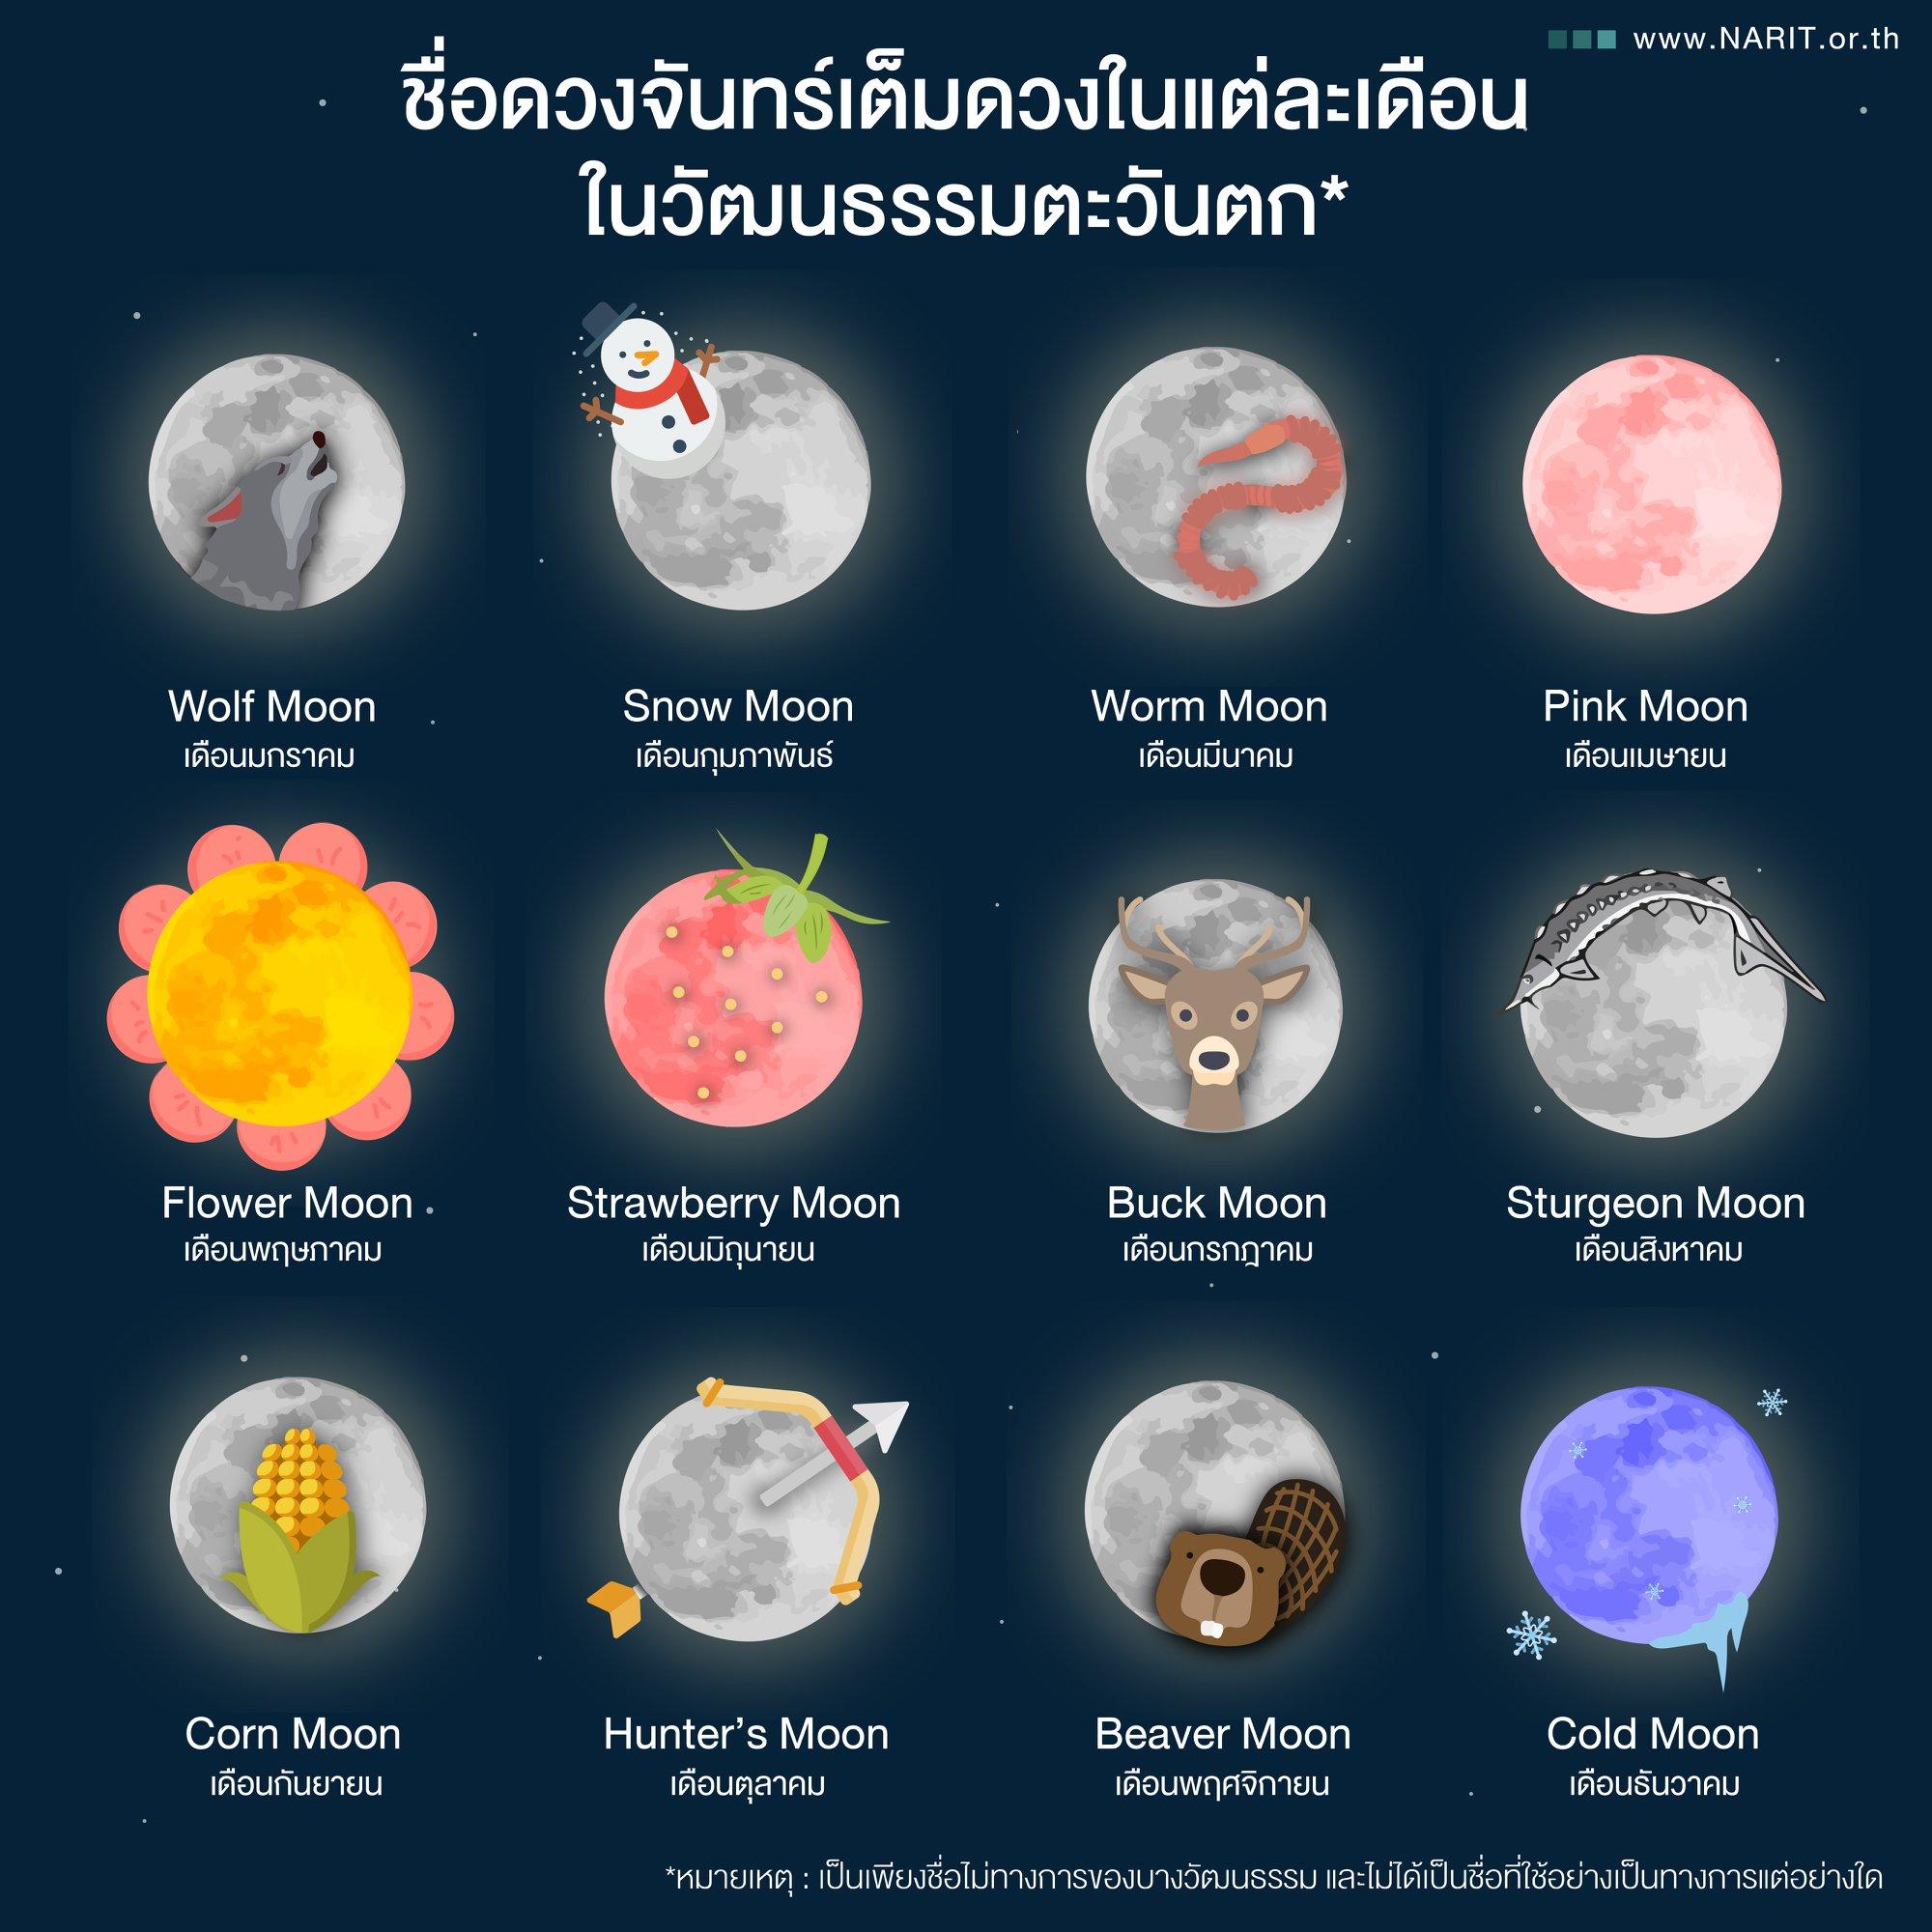 ฉายาของดวงจันทร์เต็มดวงในแต่ละเดือน